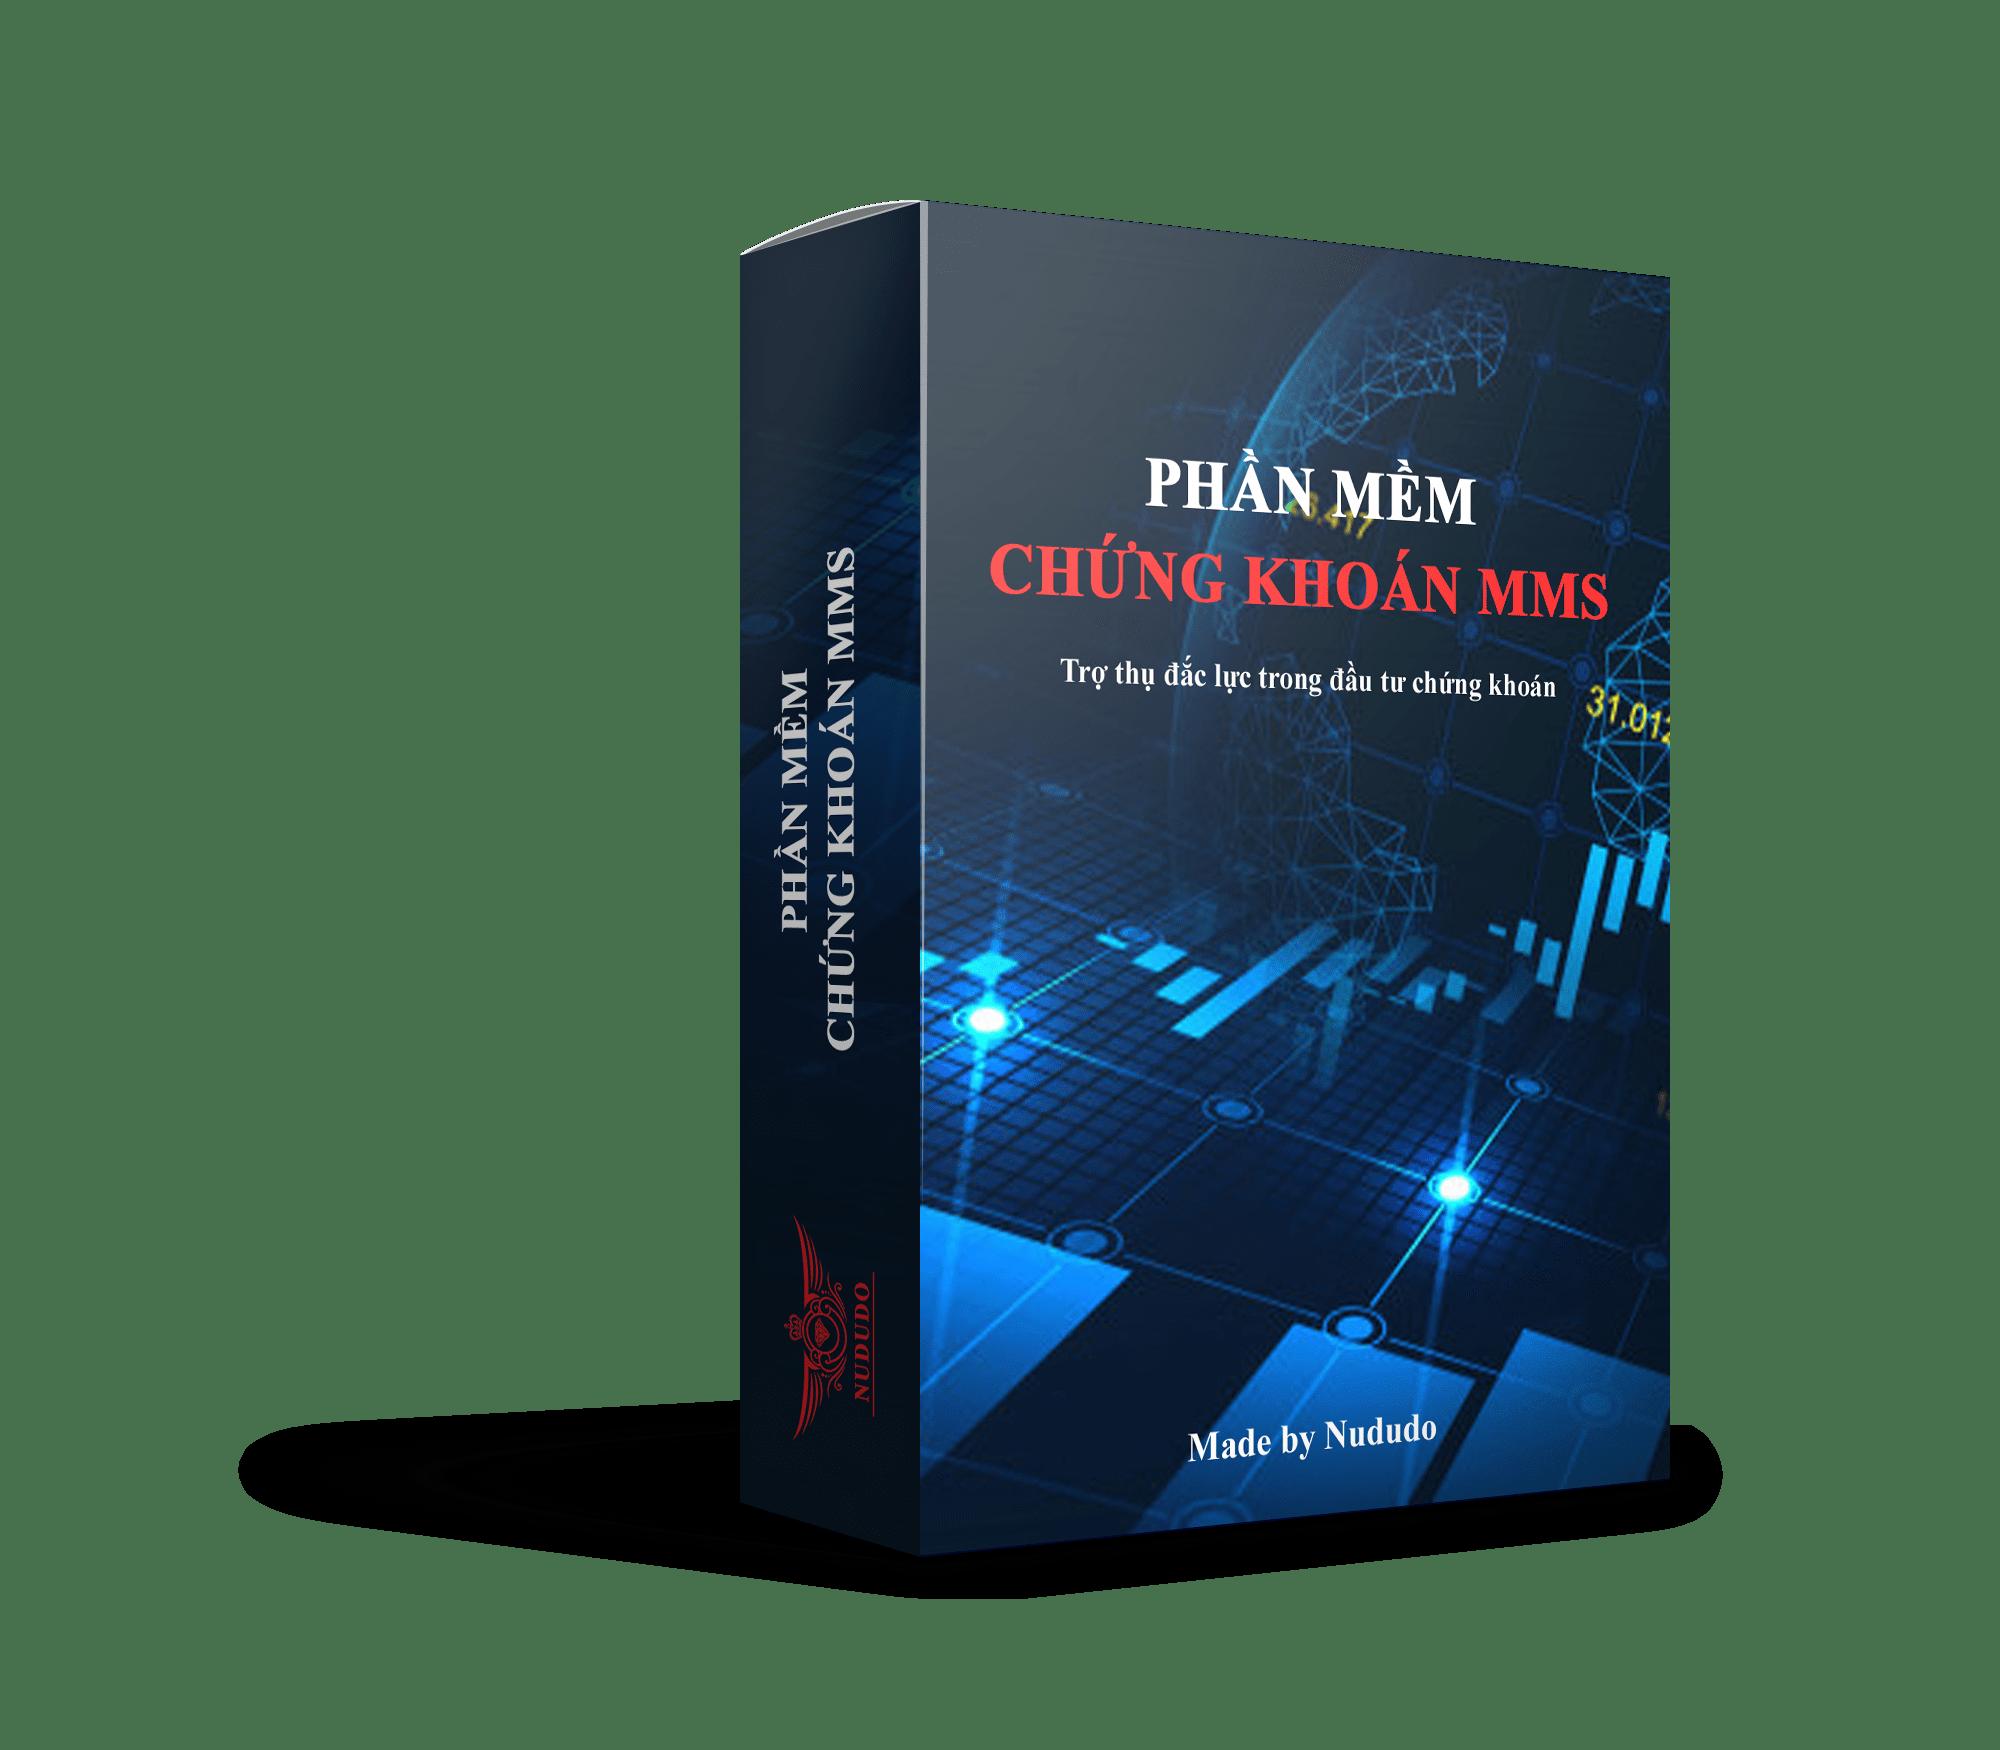 Phần mềm chứng khoán_Nududo_MMS